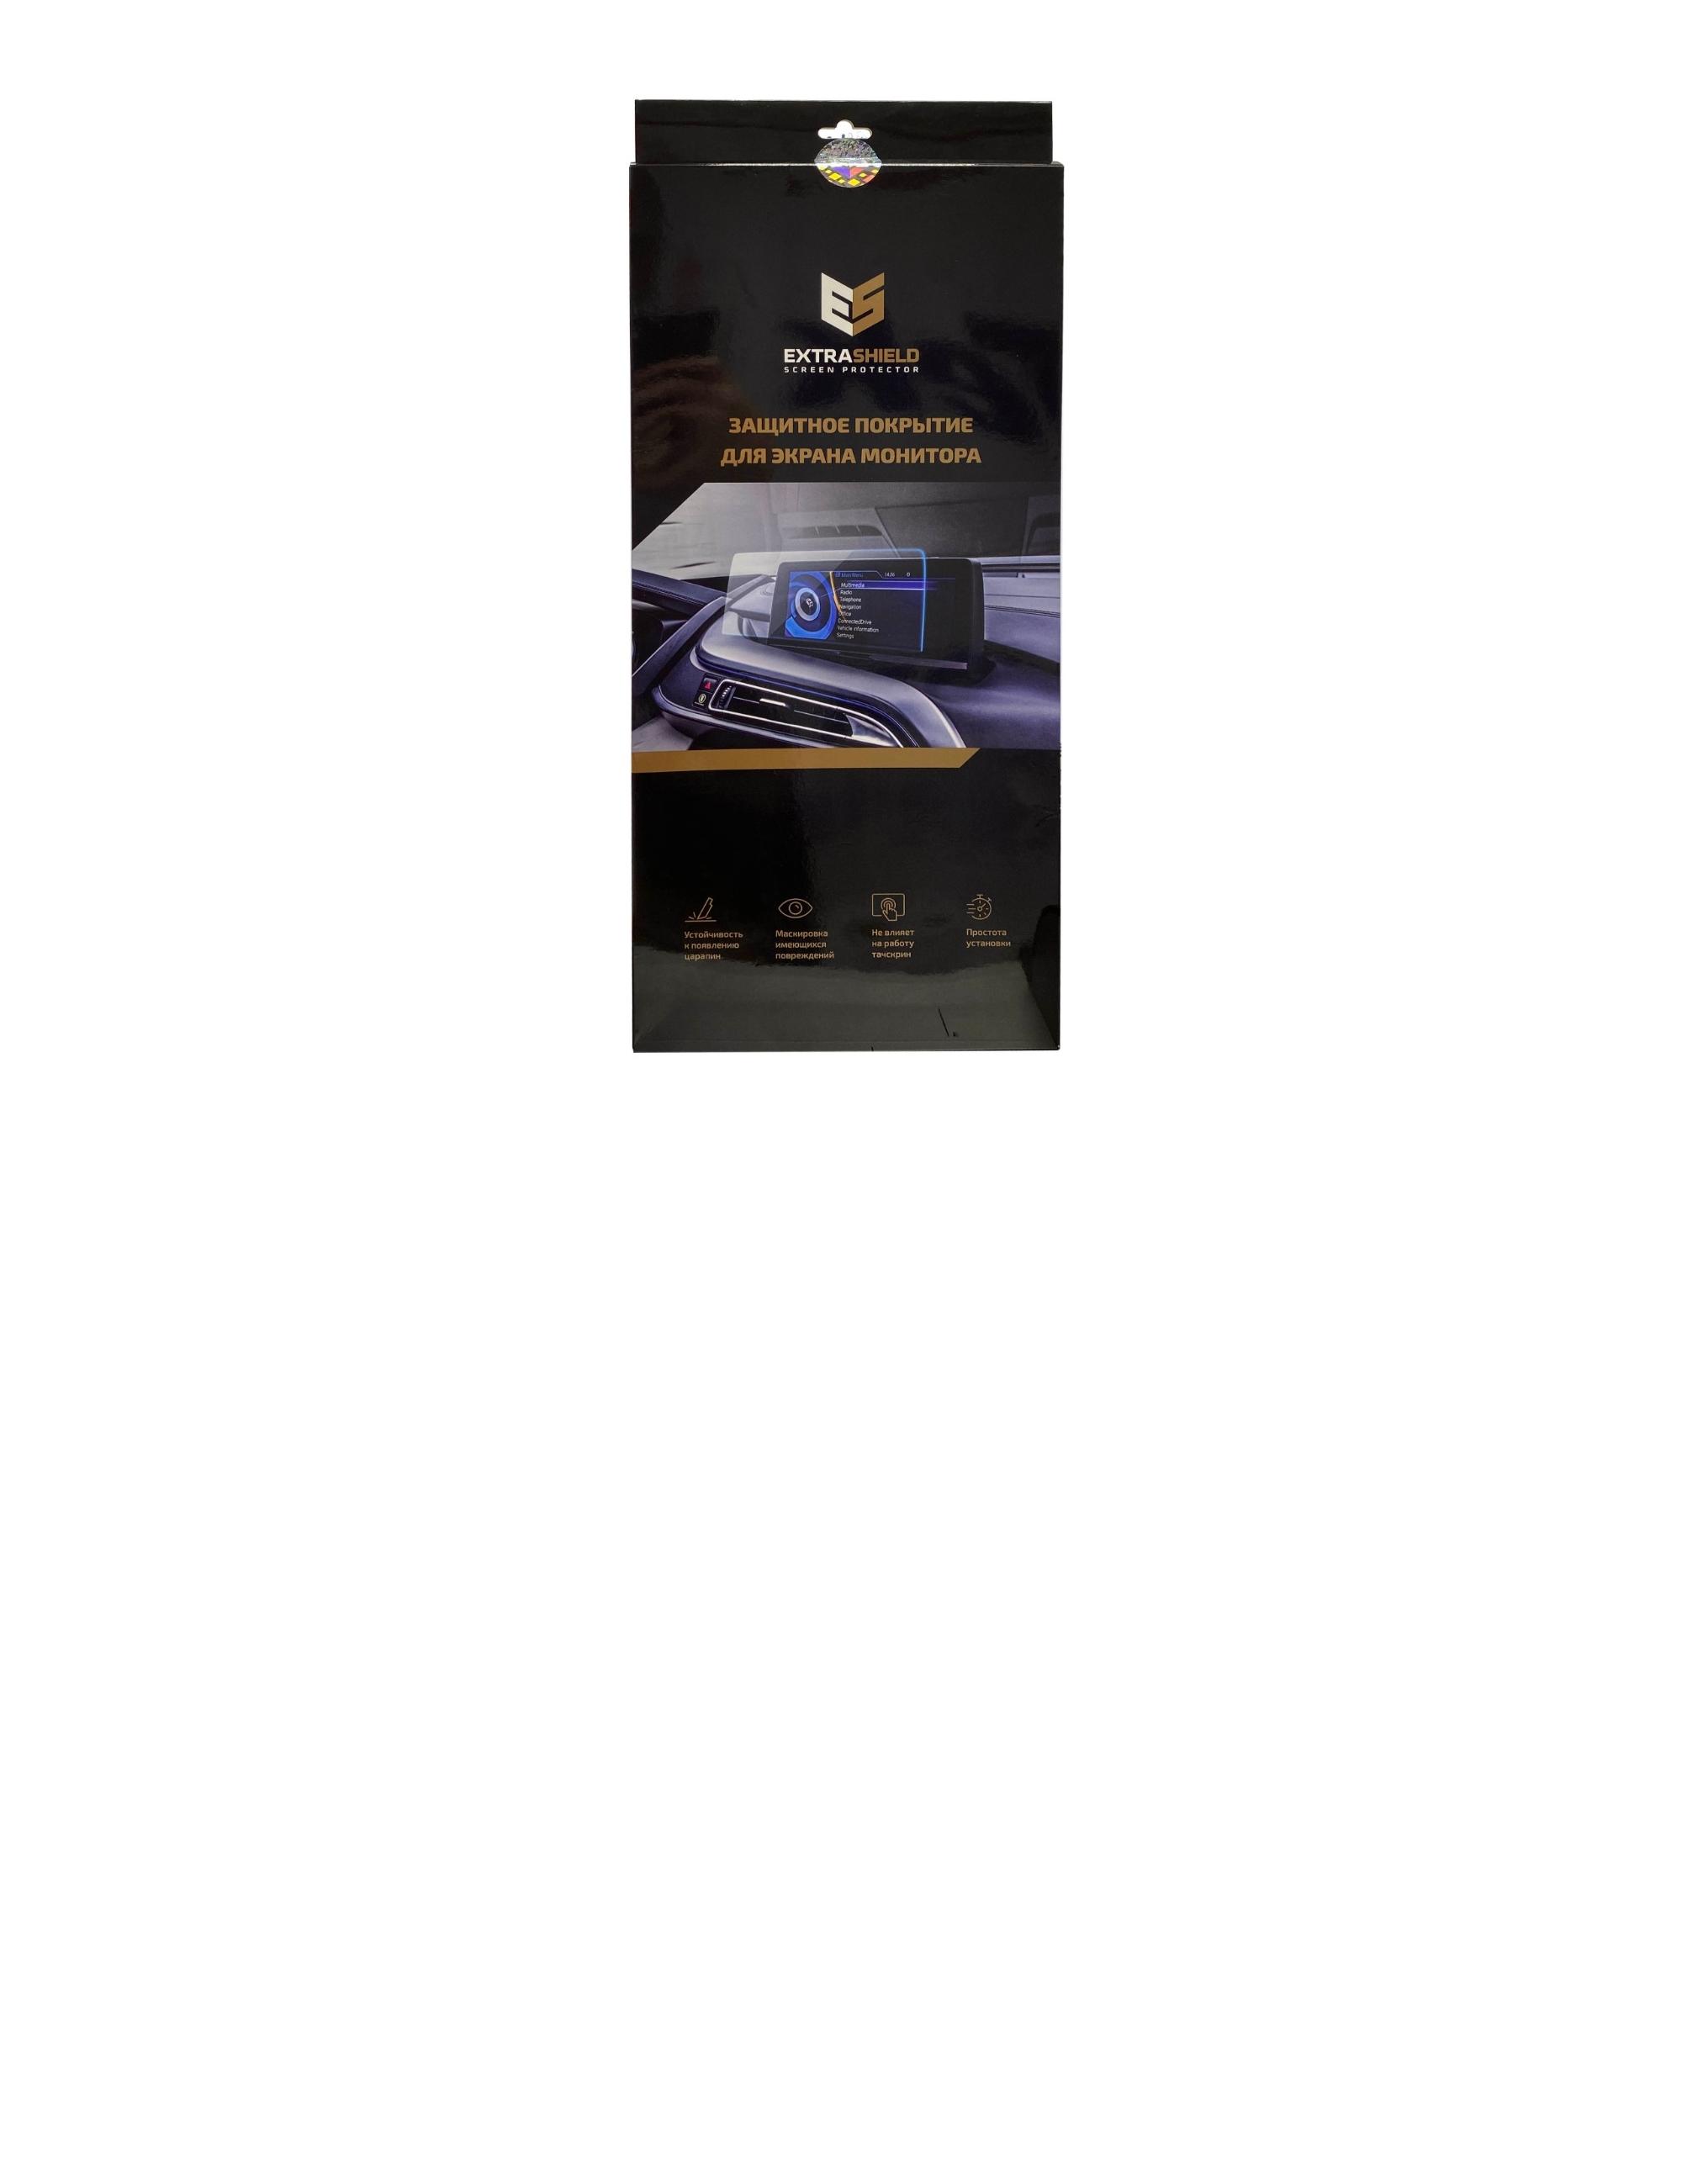 Land Rover Range Rover 2013 - 2016 мультимедиа 8 Защитное стекло Глянец